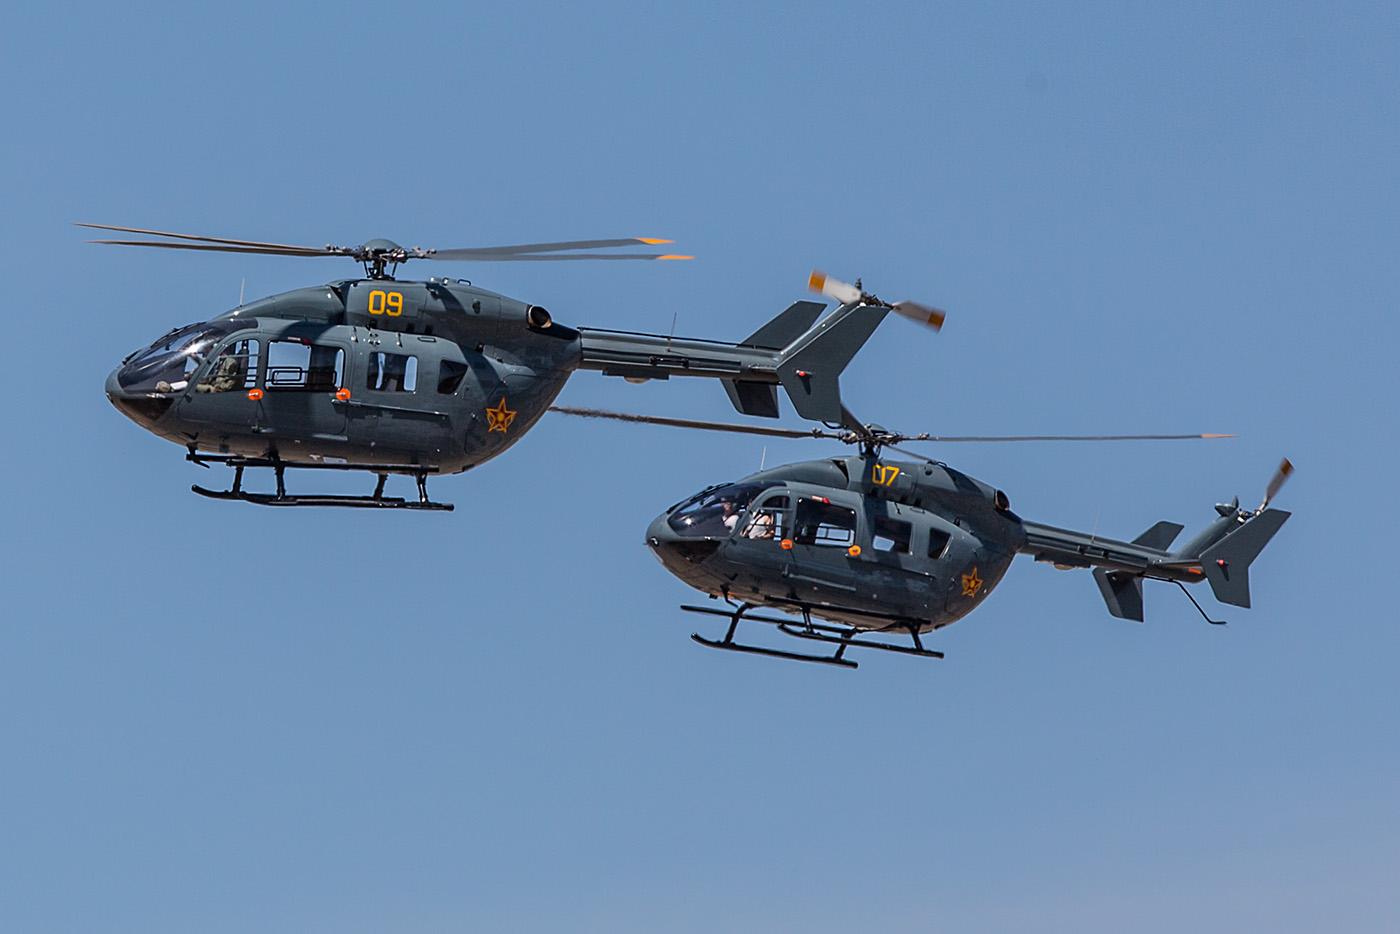 Hubschrauberballett